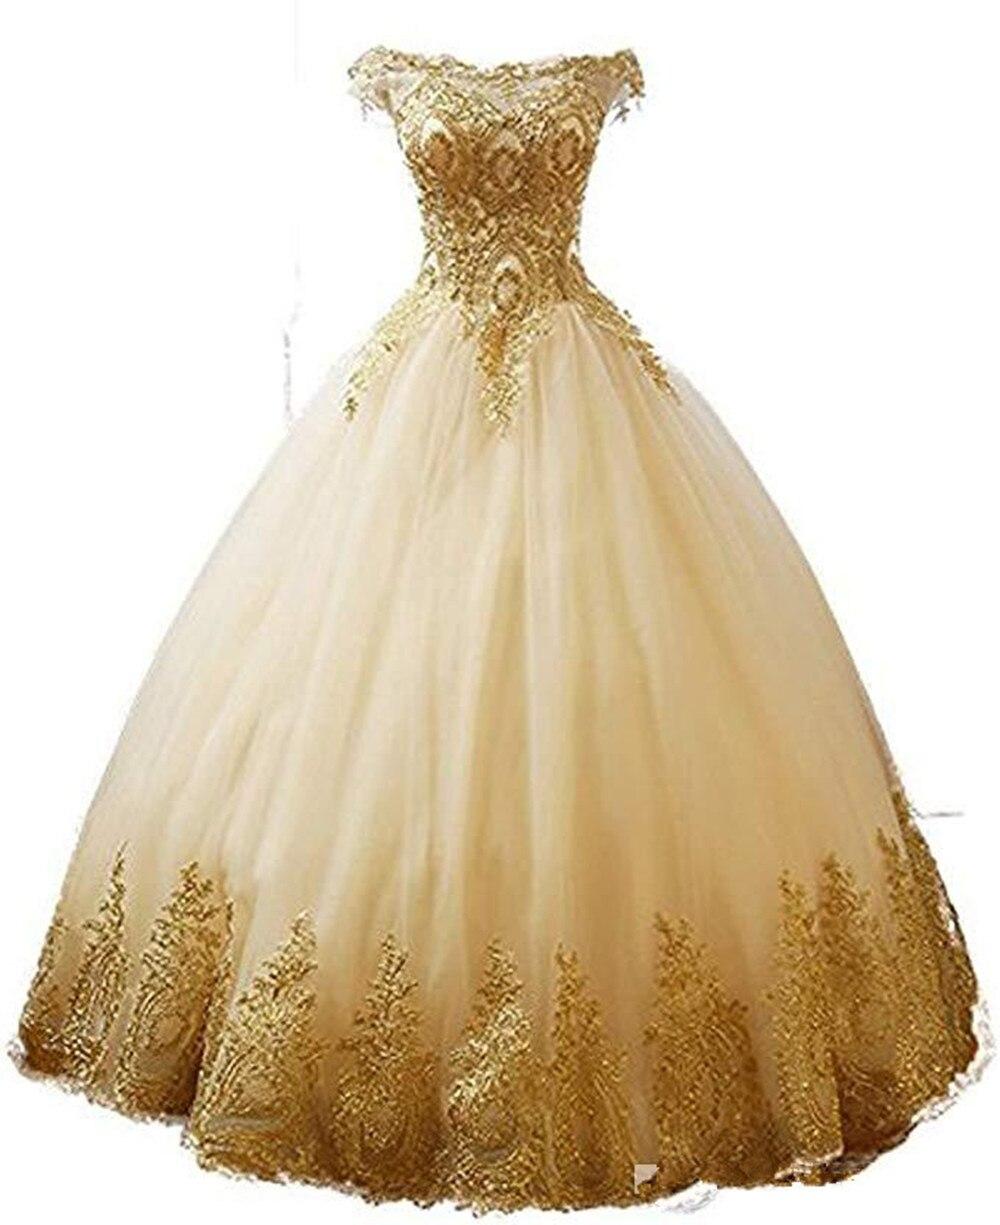 2021 реальное изображение, Золотое кружево, аппликация, платья для Quinceanera, бальное платье для выпускного вечера, милое бальное платье 16, вечерн...